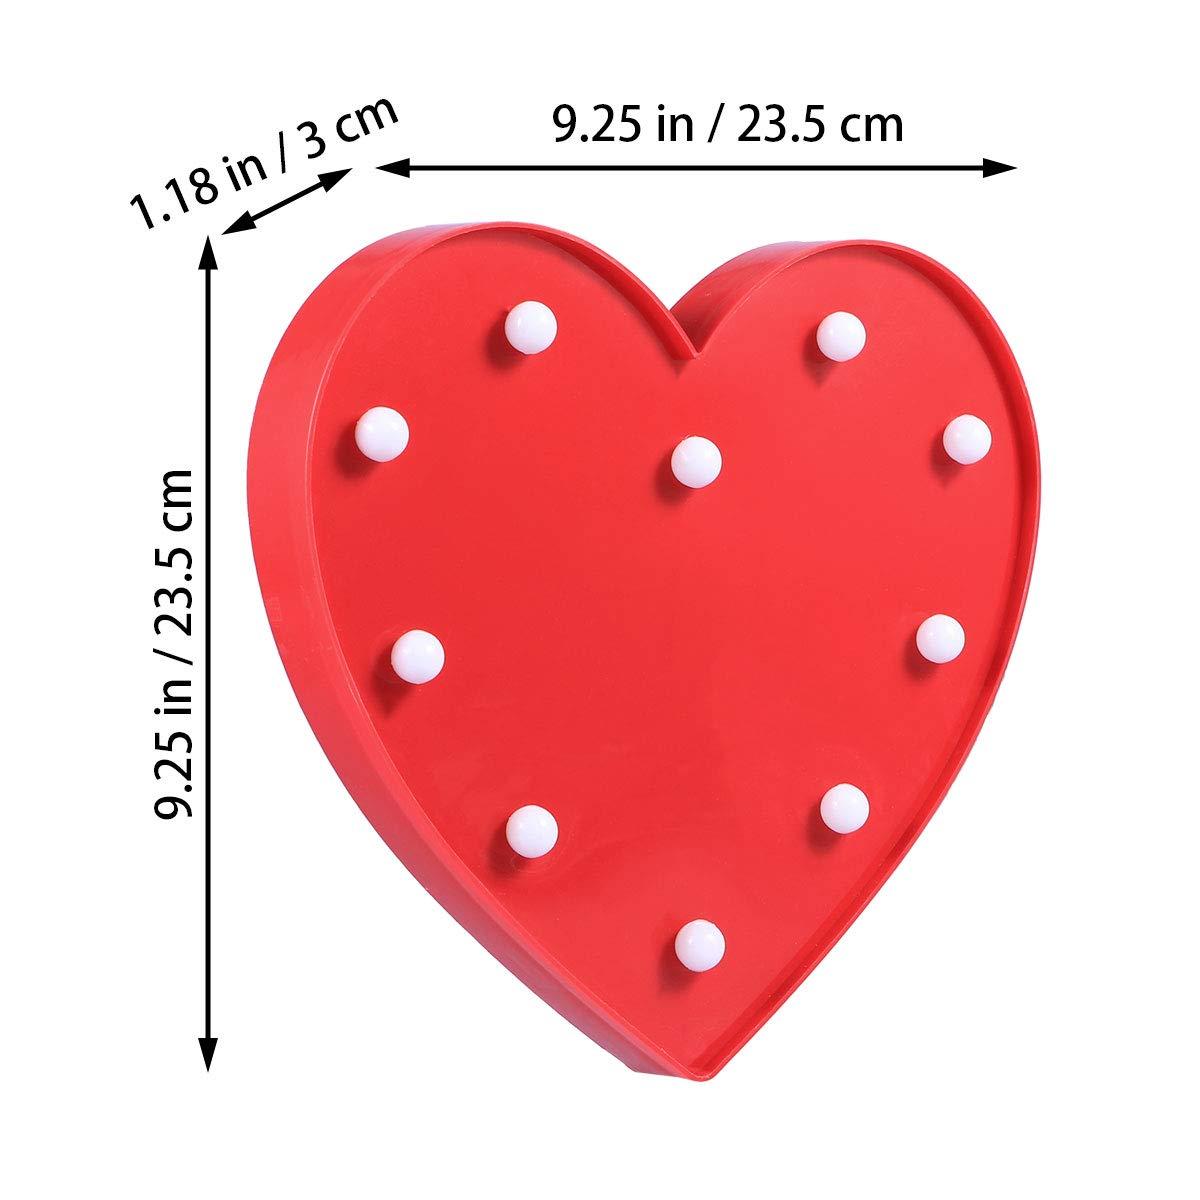 LEDMOMO rosso Lampada da tavolo romantica a forma di cuore per ragazze San Valentino decorazione senza batteria bambini matrimonio festa di compleanno soggiorno